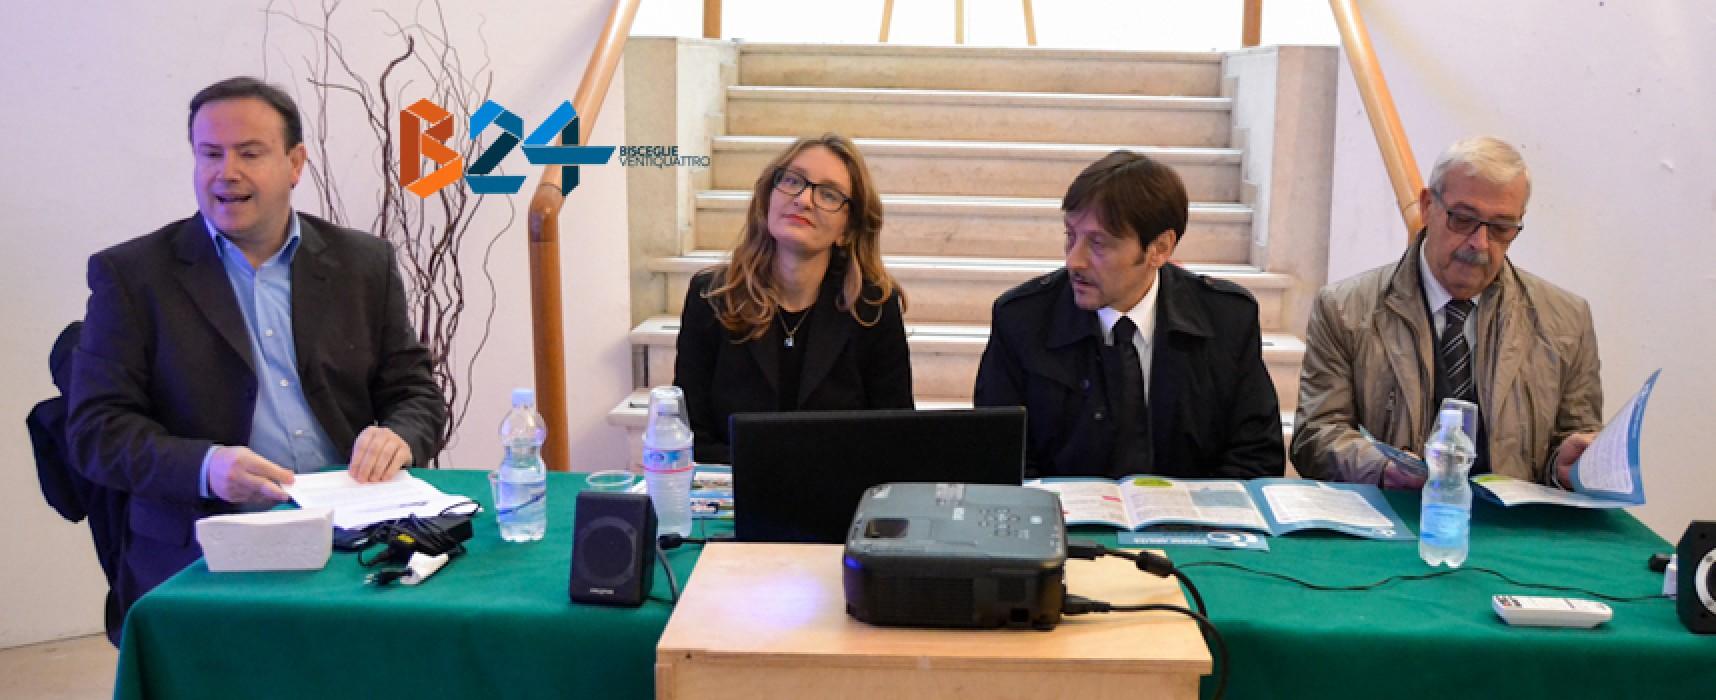 """Presentata la seconda parte del progetto """"Io Lavoro"""" su innovazione e smart cities / FOTO e SPOT"""